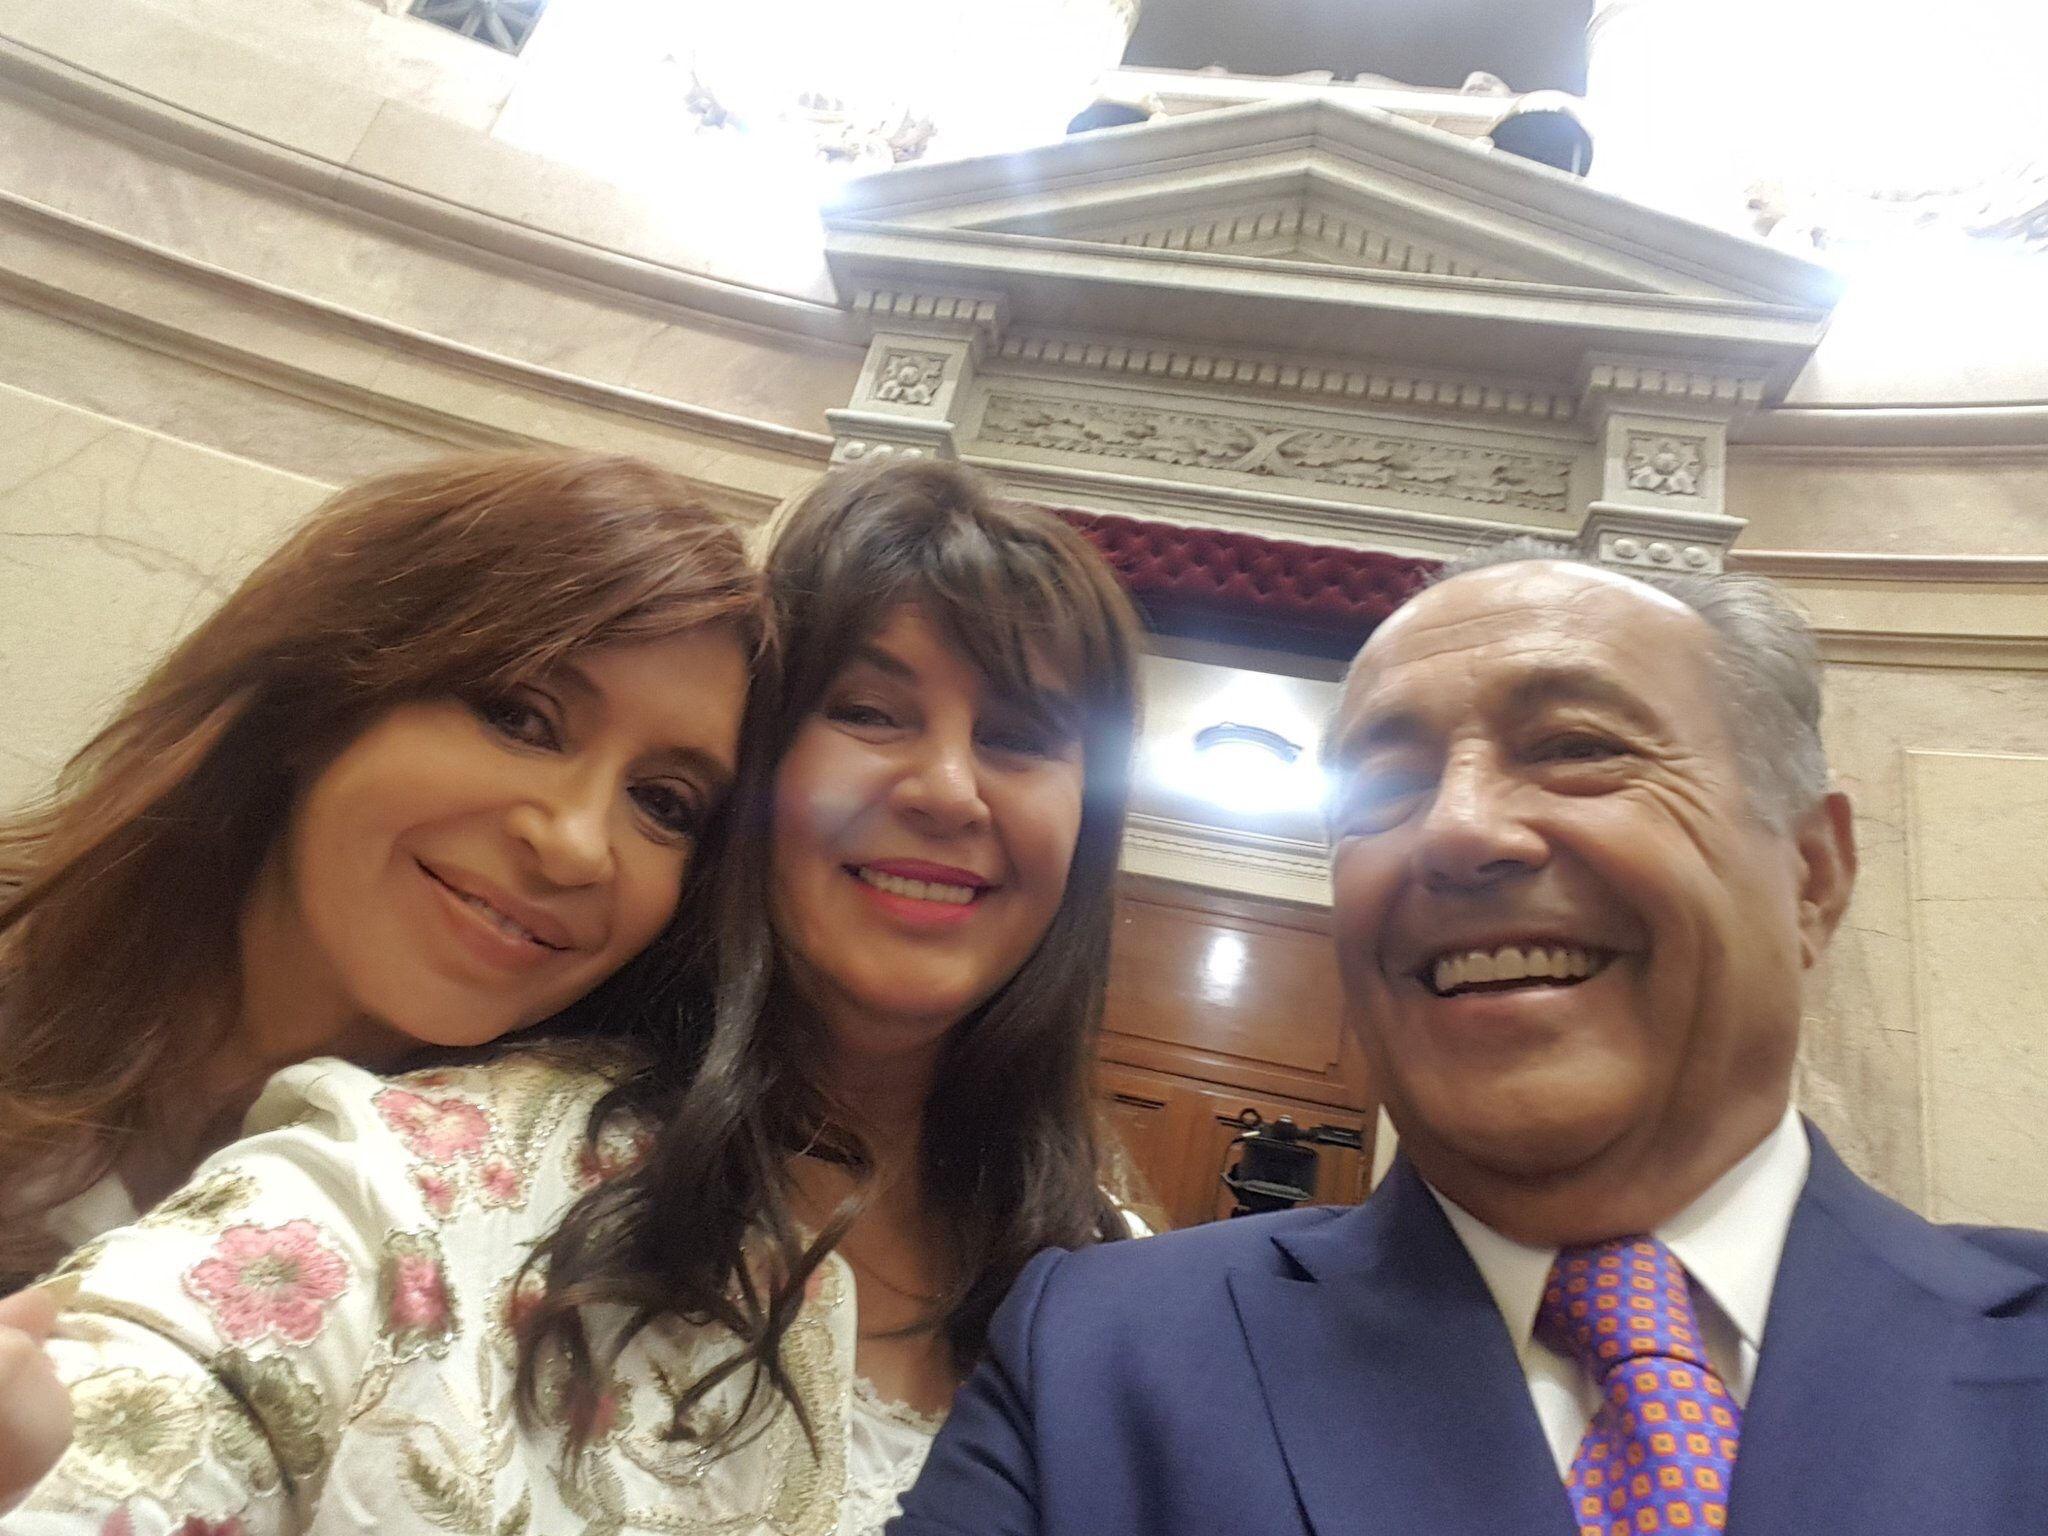 Cristina feliz, ovación a Menem y las caras de Pichetto: las perlitas del Senado